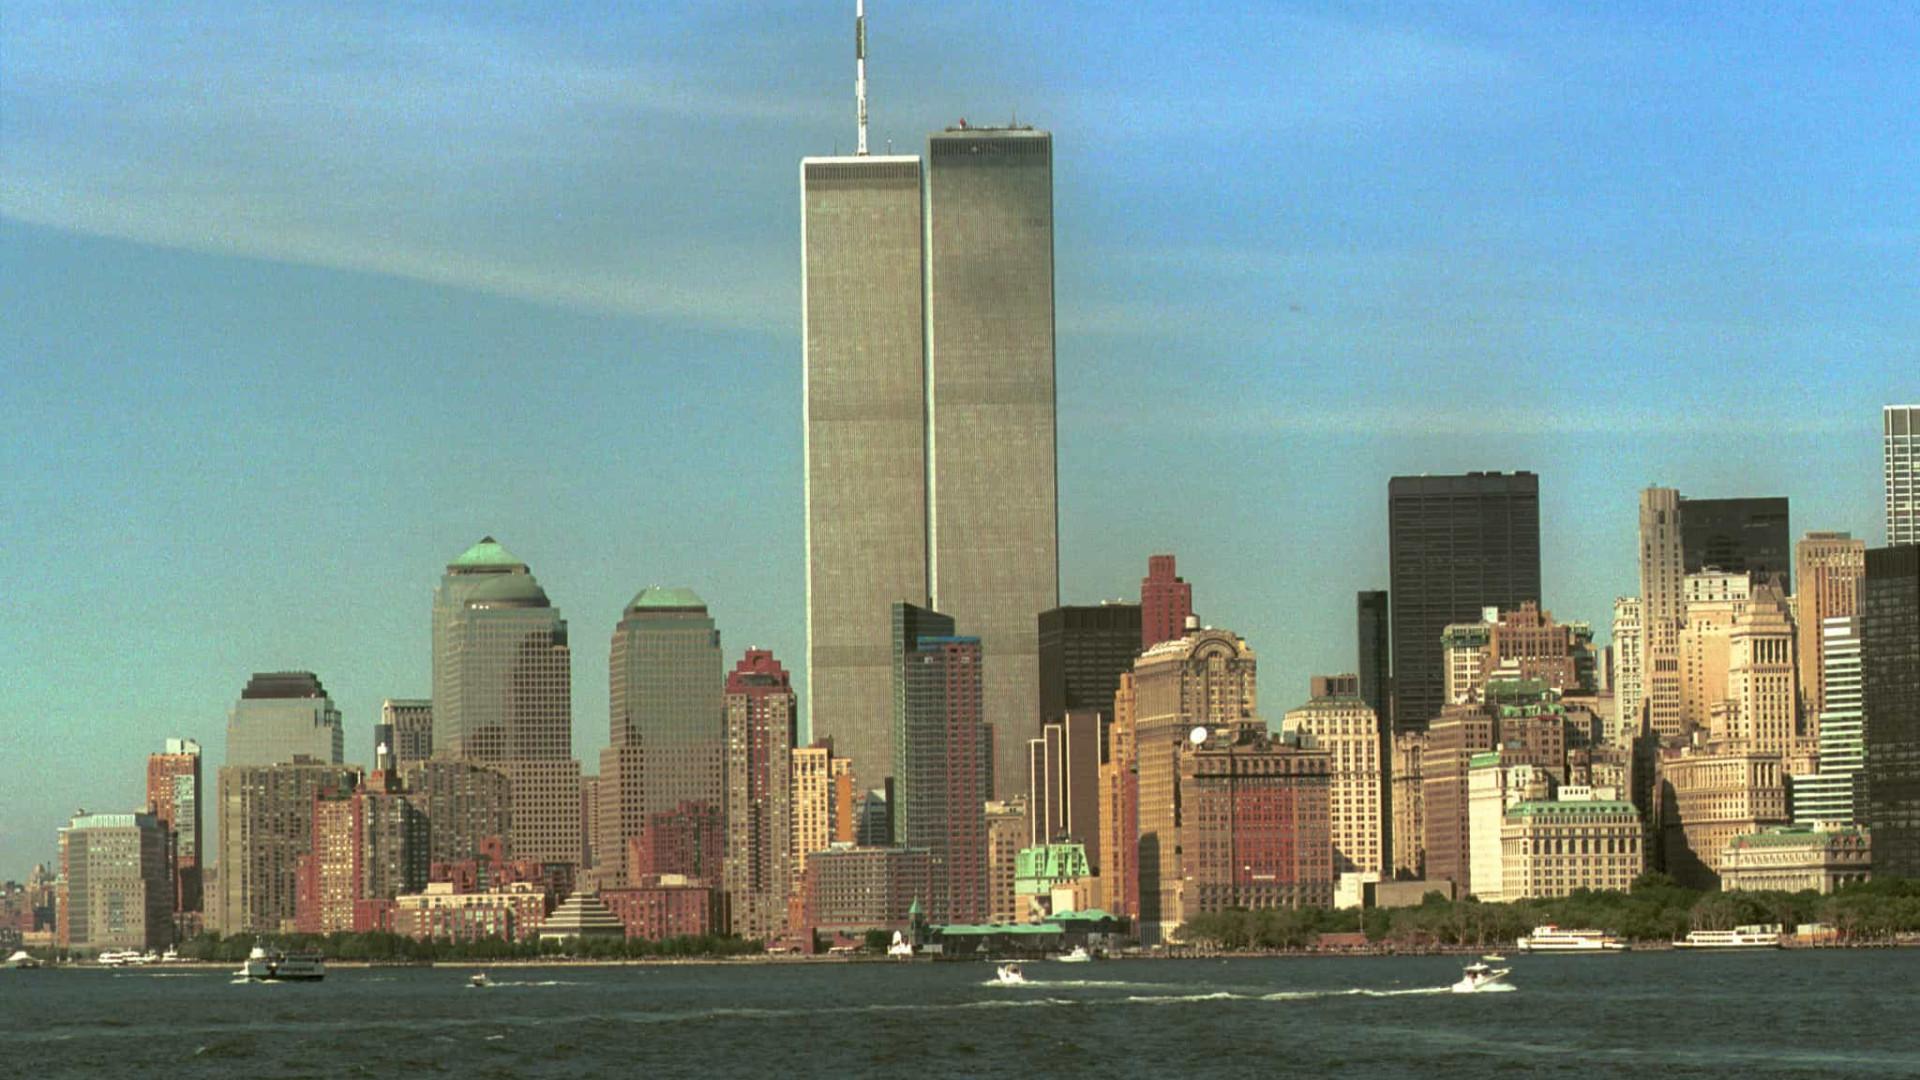 Homenagem ou imagem de dor? As torres no cinema e na TV no pós-11/9